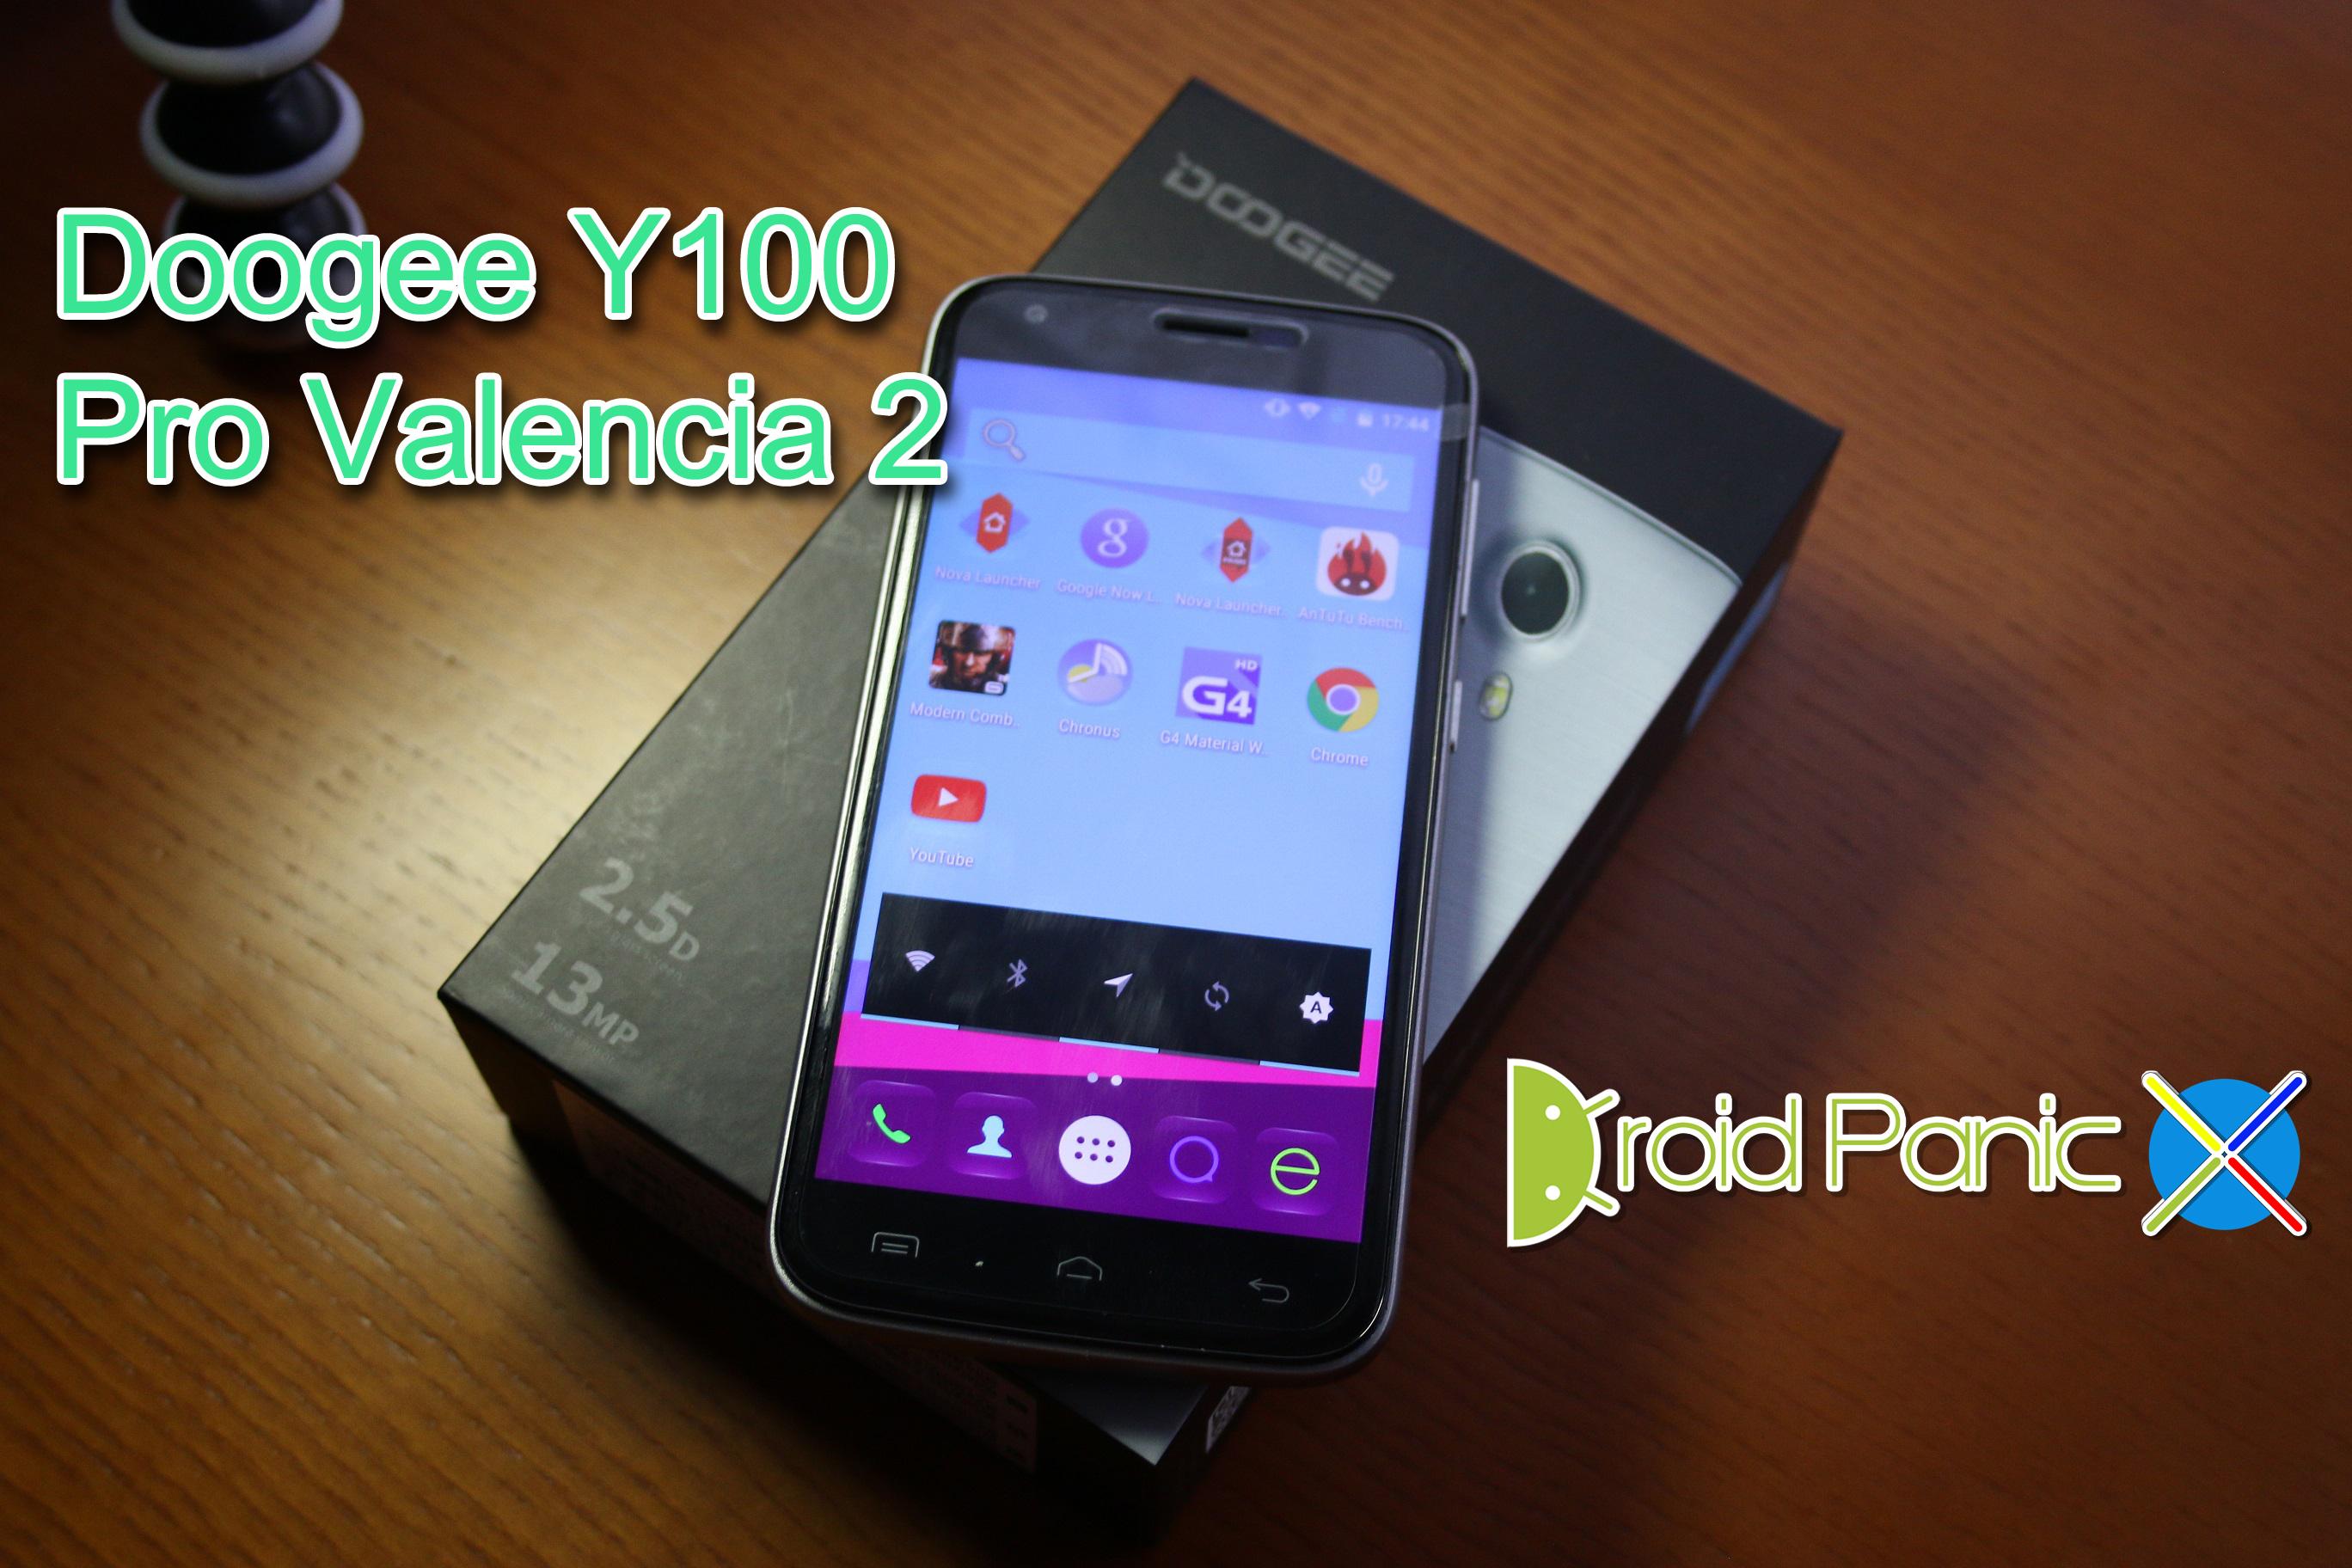 Doogee Y100 Pro Valencia 2, ¿en serio es un gama de entrada?